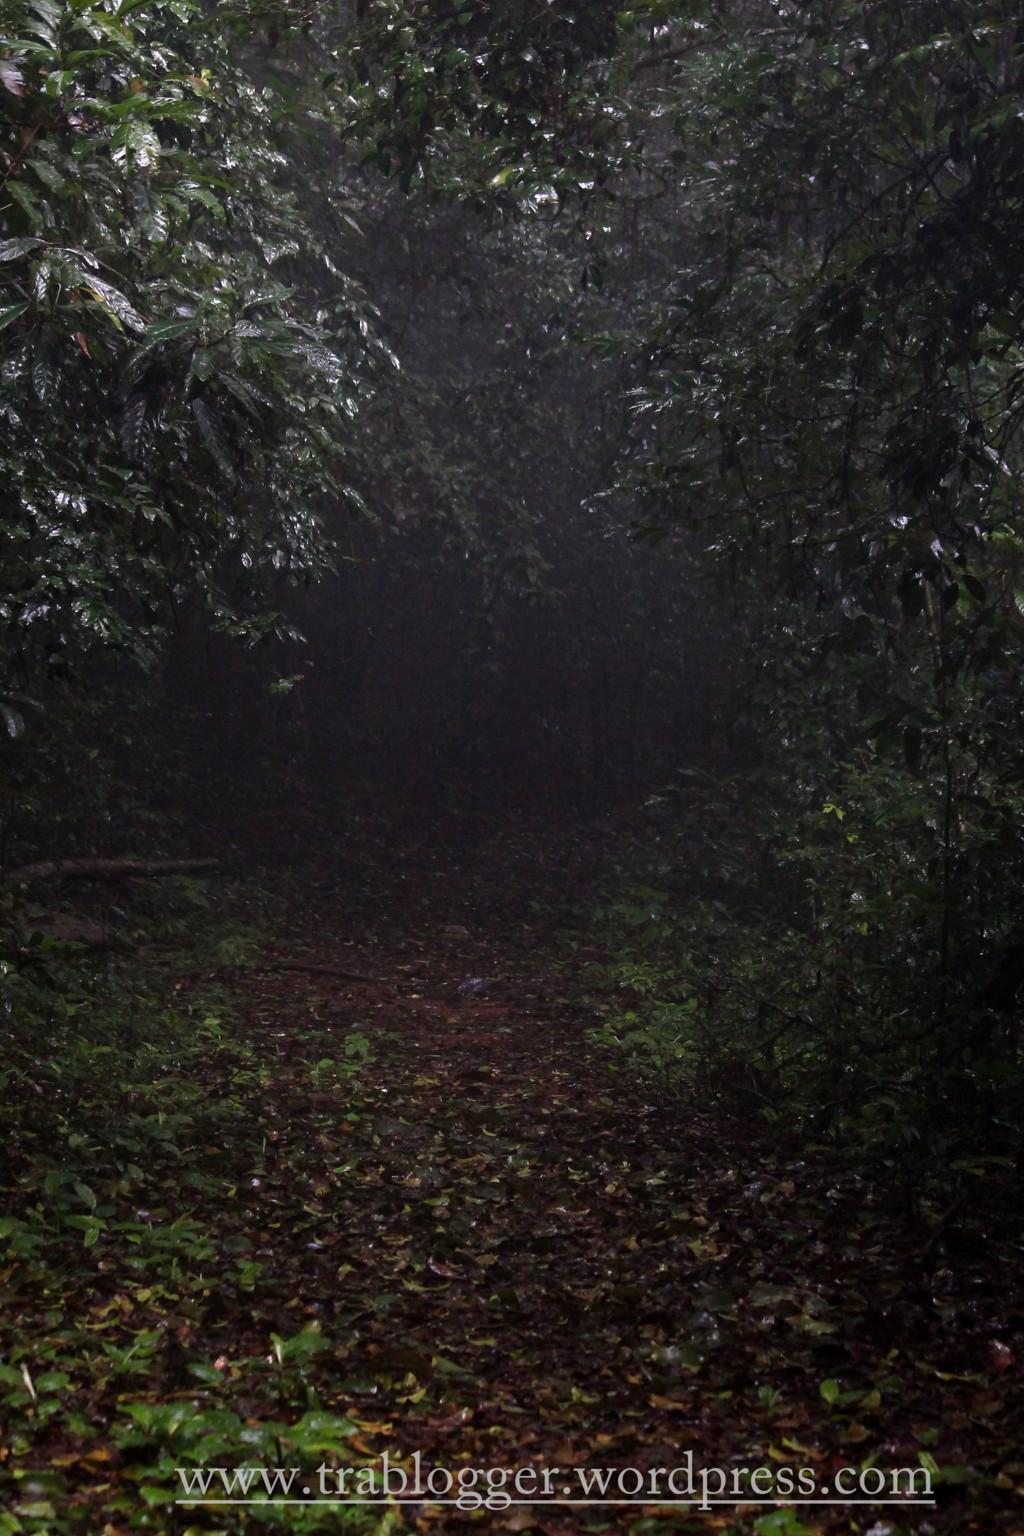 Much denser forest